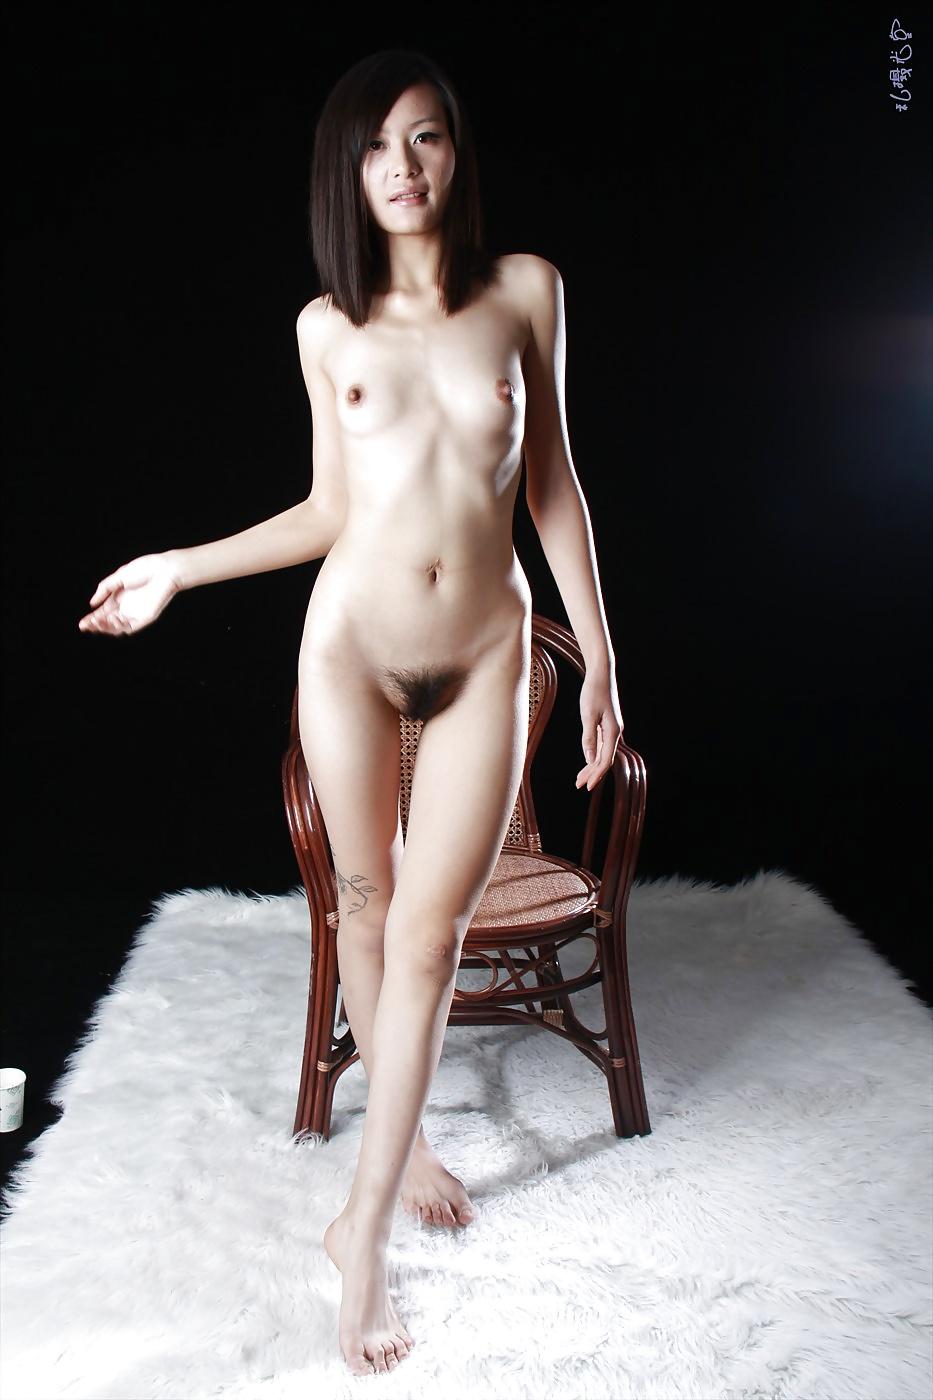 Porn galleries Tnaflix anal cream pie